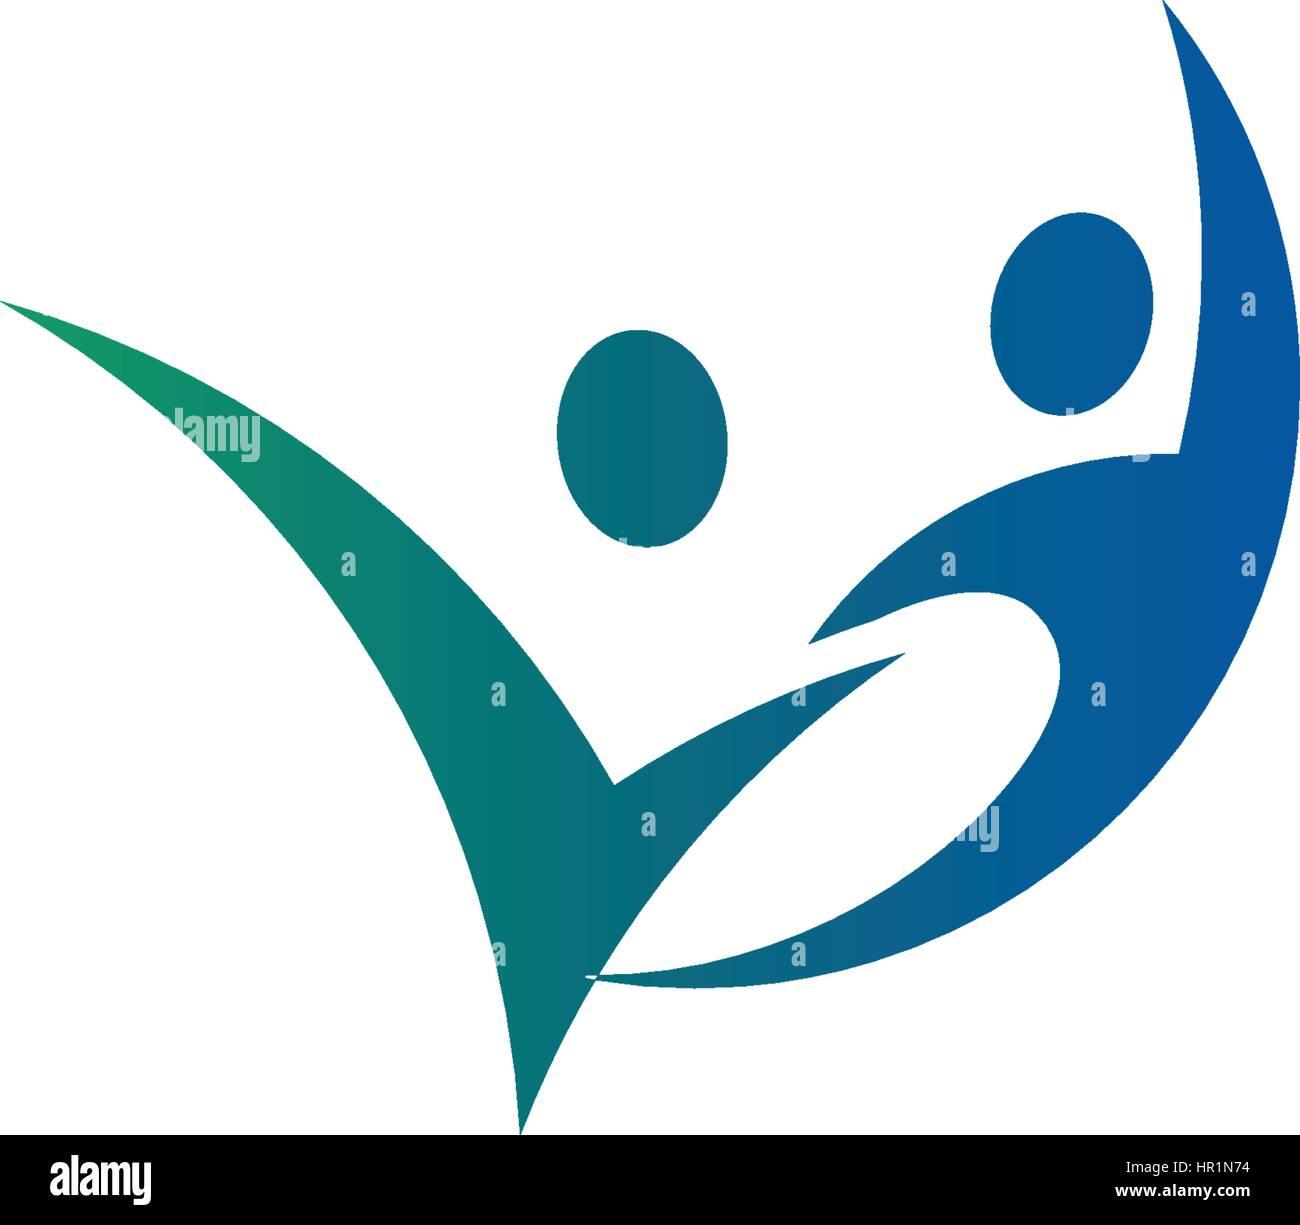 r u00e9sum u00e9 isol u00e9s couleur bleu et vert  deux personnes se tenant la main logo sur fond blanc vector